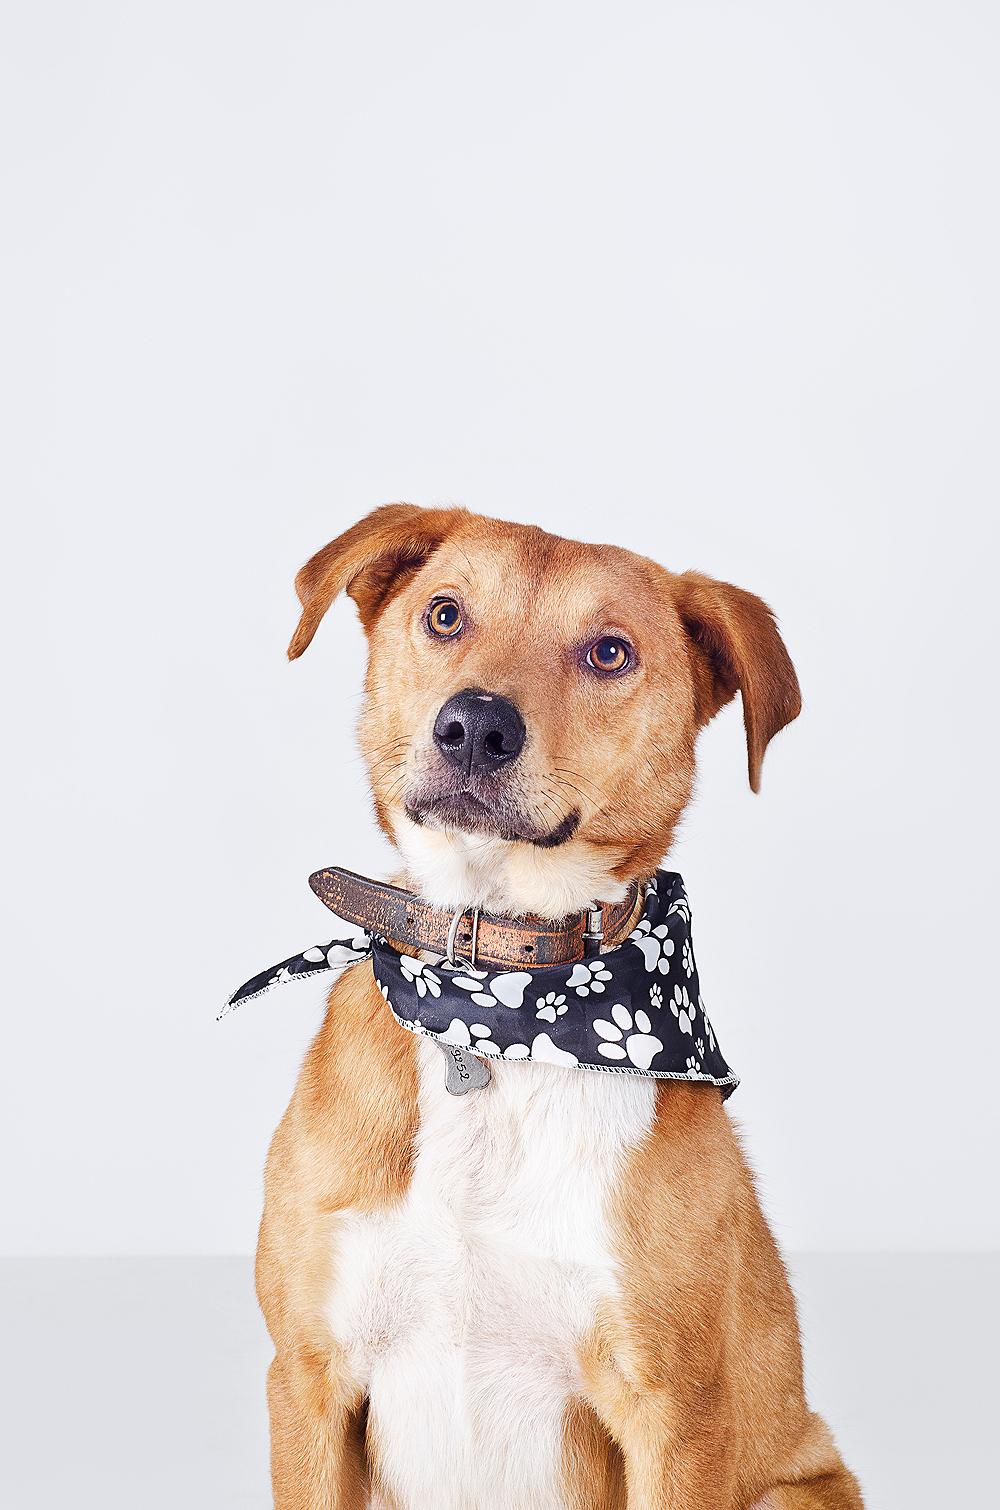 dogs  rescued dogs adoption portrait  dog portrait